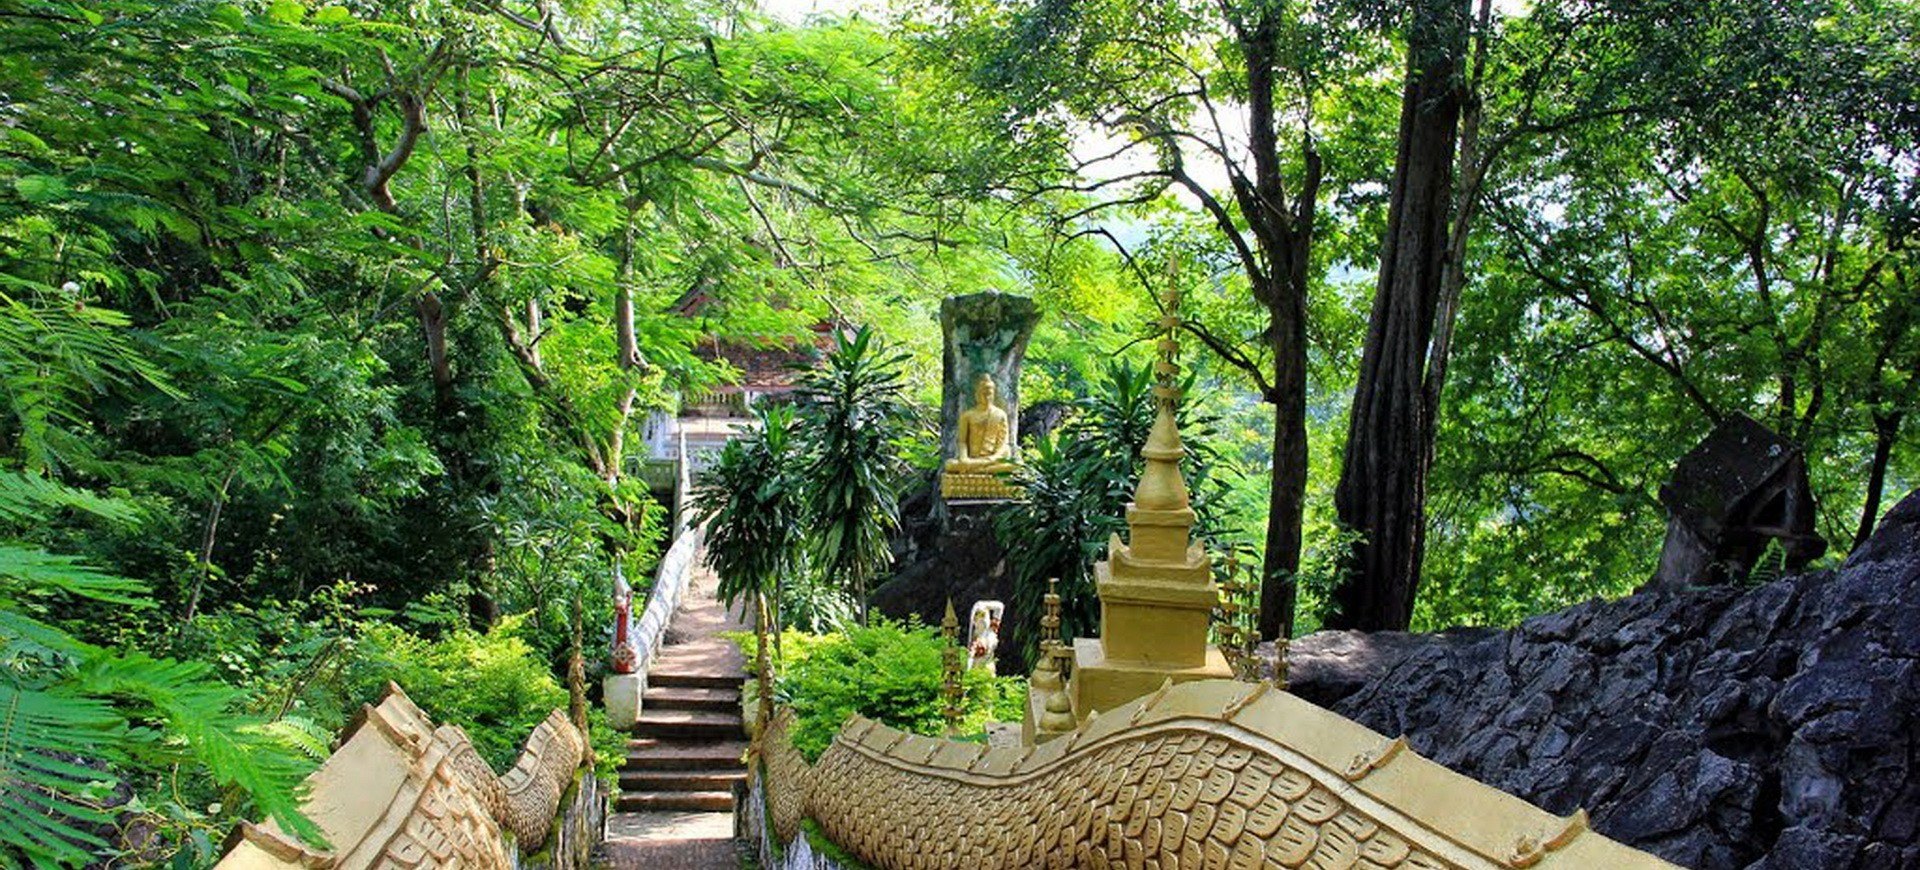 Colline de Phousi à Luang Prabang au Laos